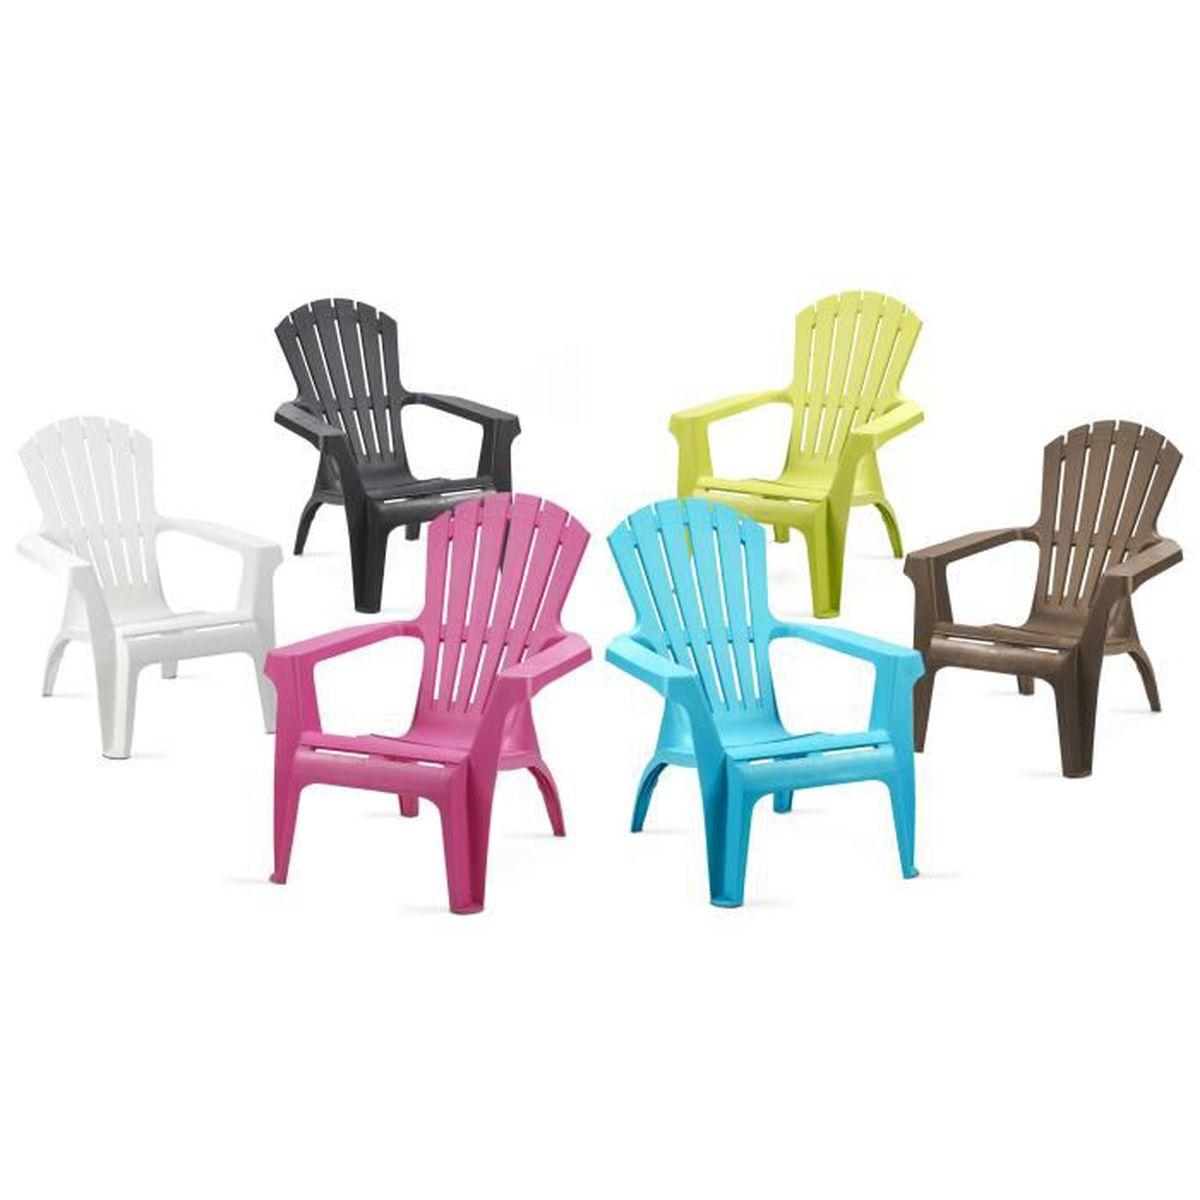 fauteuil de jardin plastique grand fauteuil confort gris. Black Bedroom Furniture Sets. Home Design Ideas